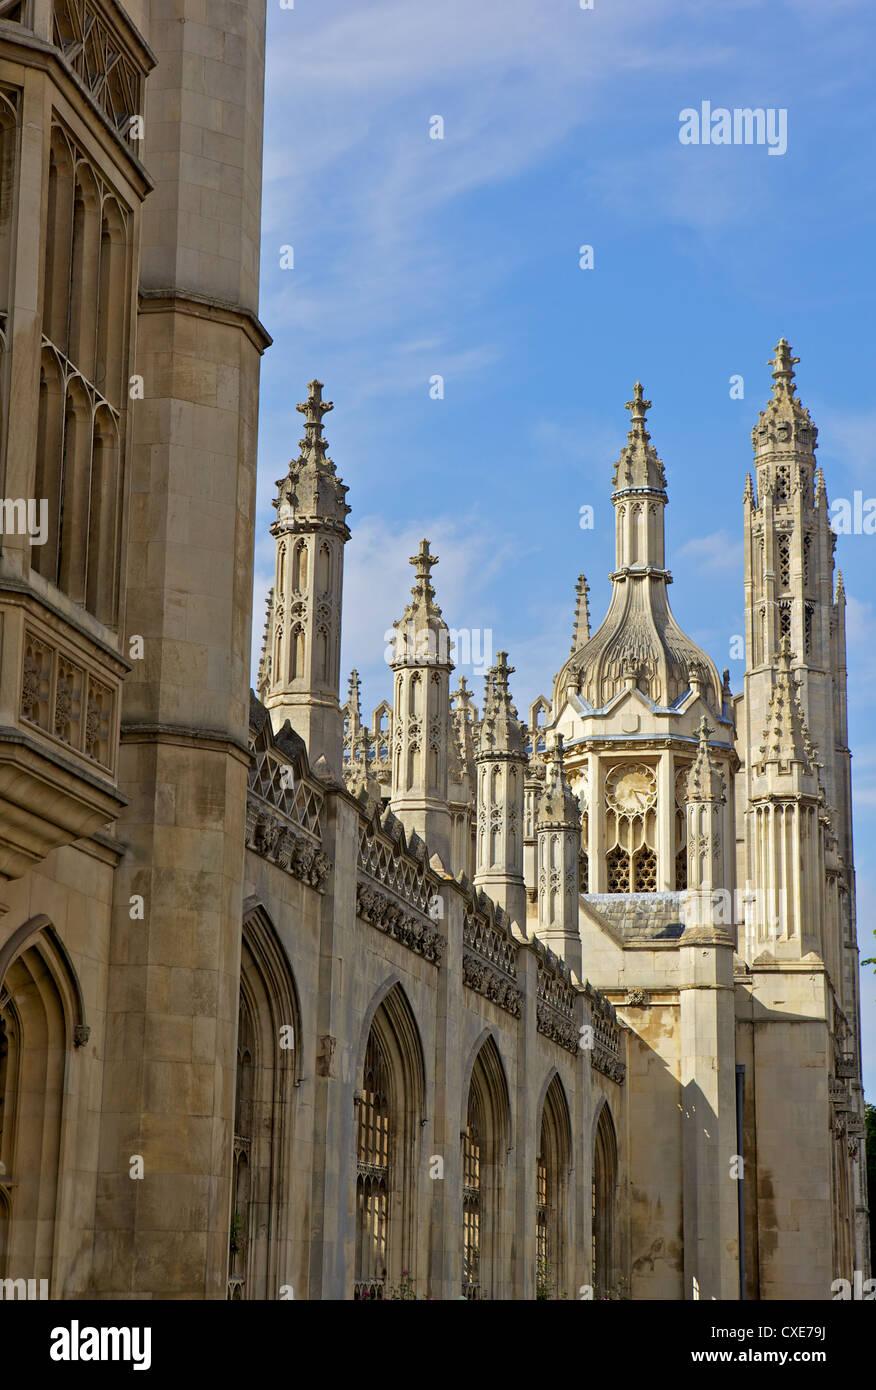 Kings College Chapel, University of Cambridge, Cambridge, England - Stock Image